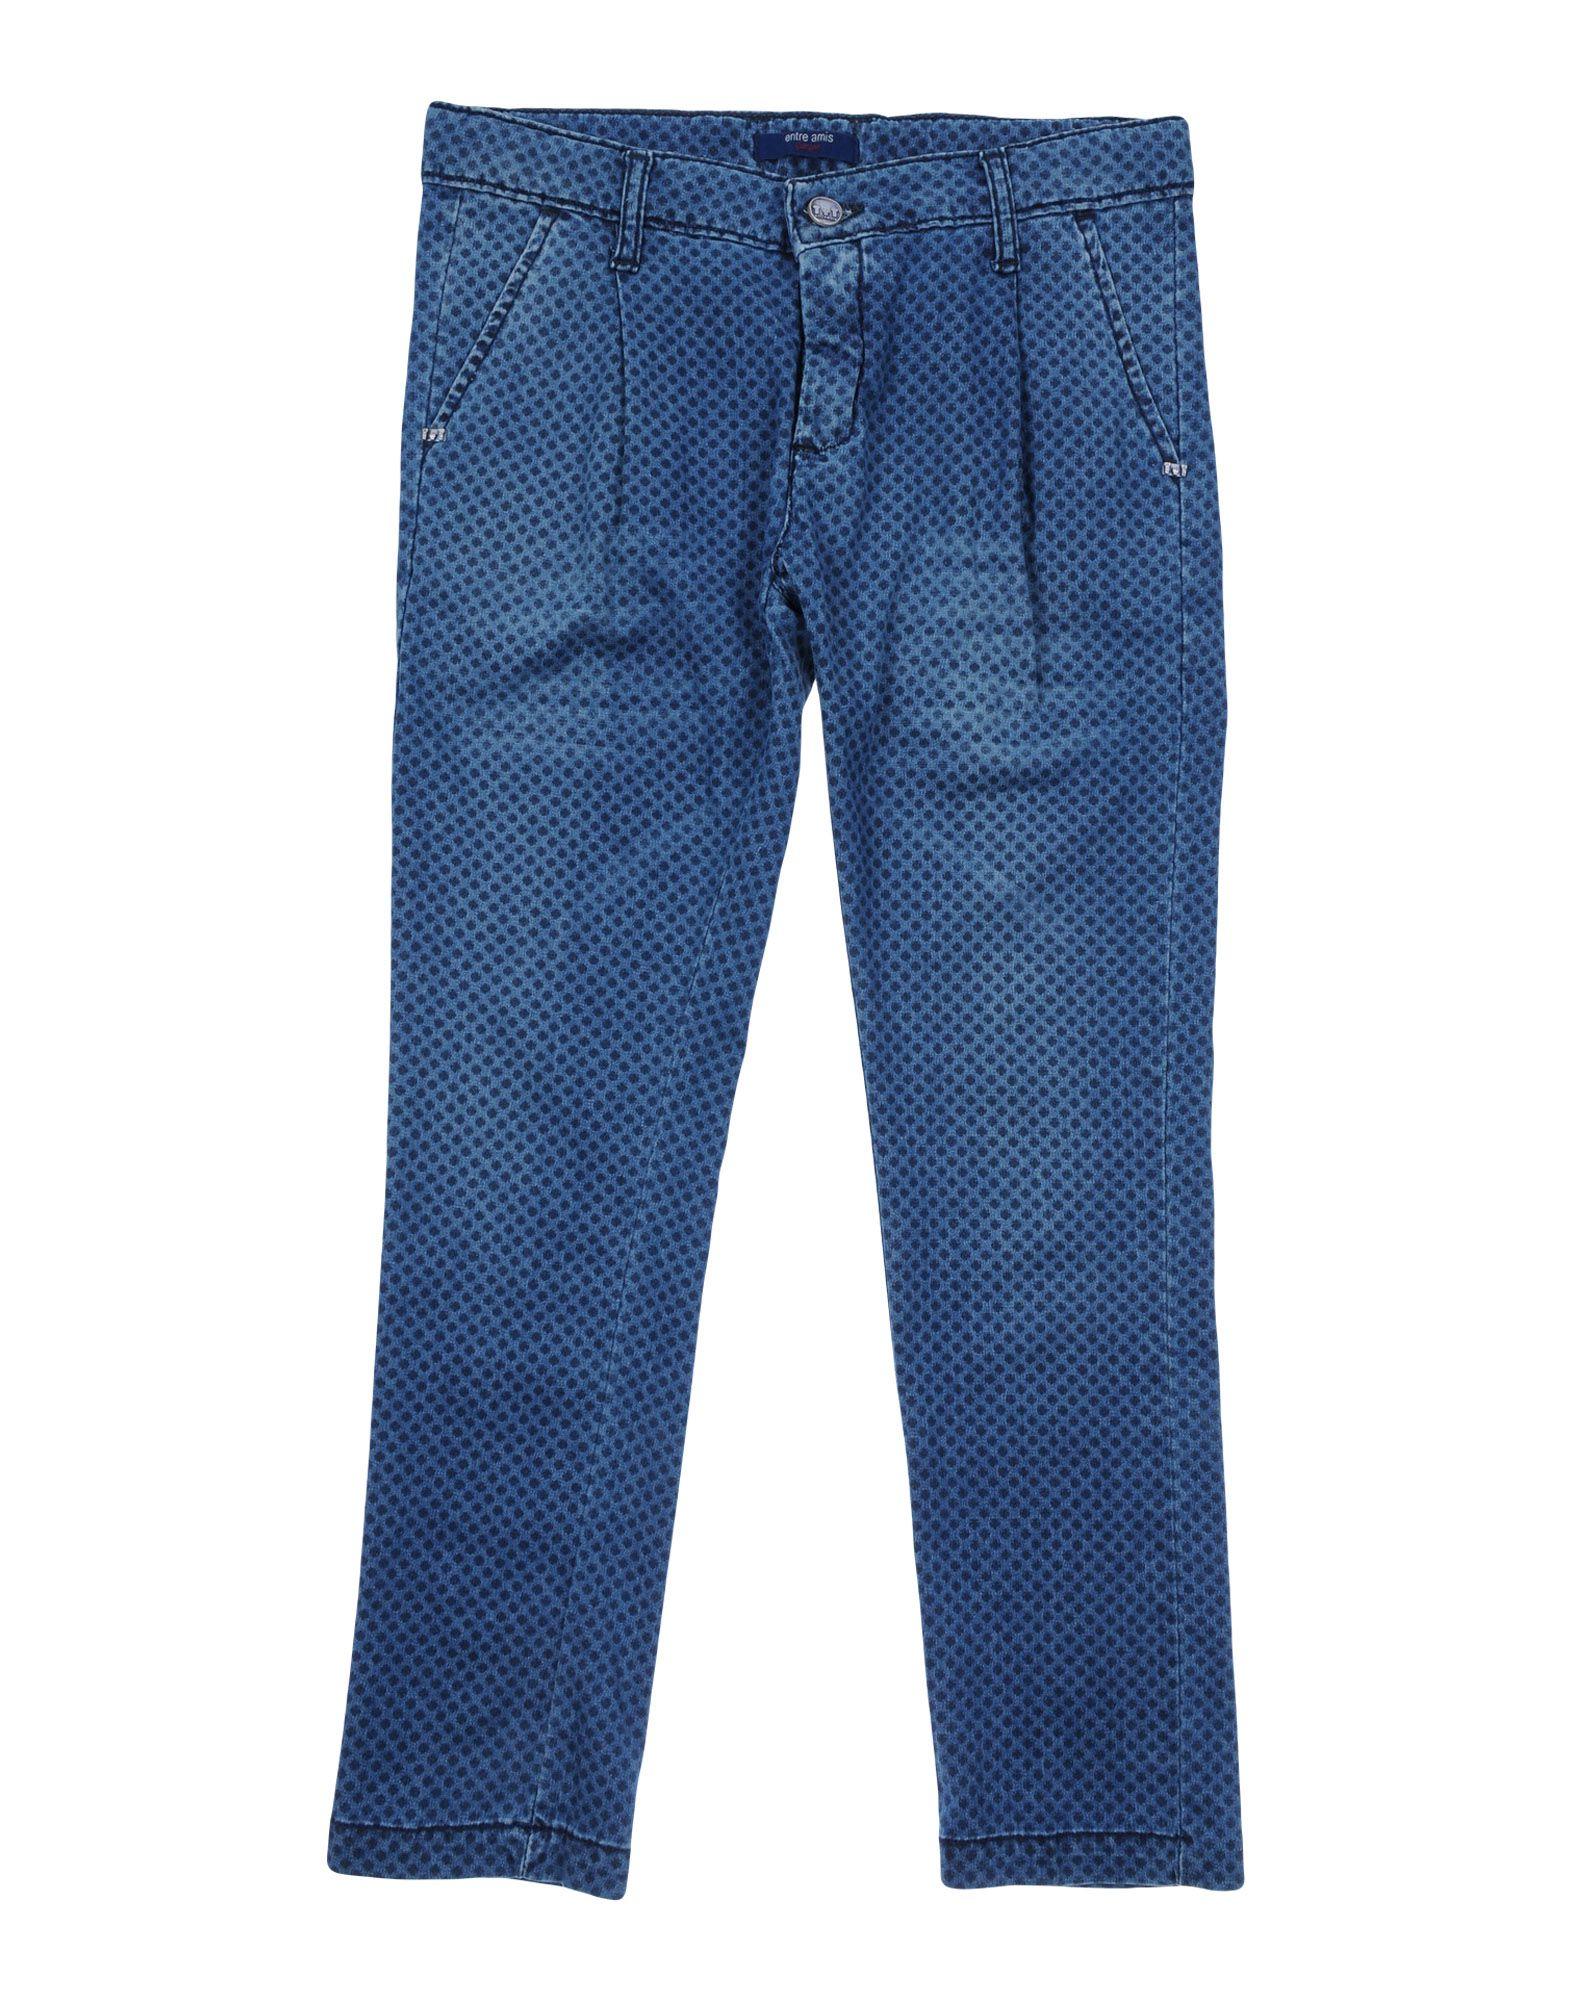 Entre Amis Garçon Kids' Jeans In Blue